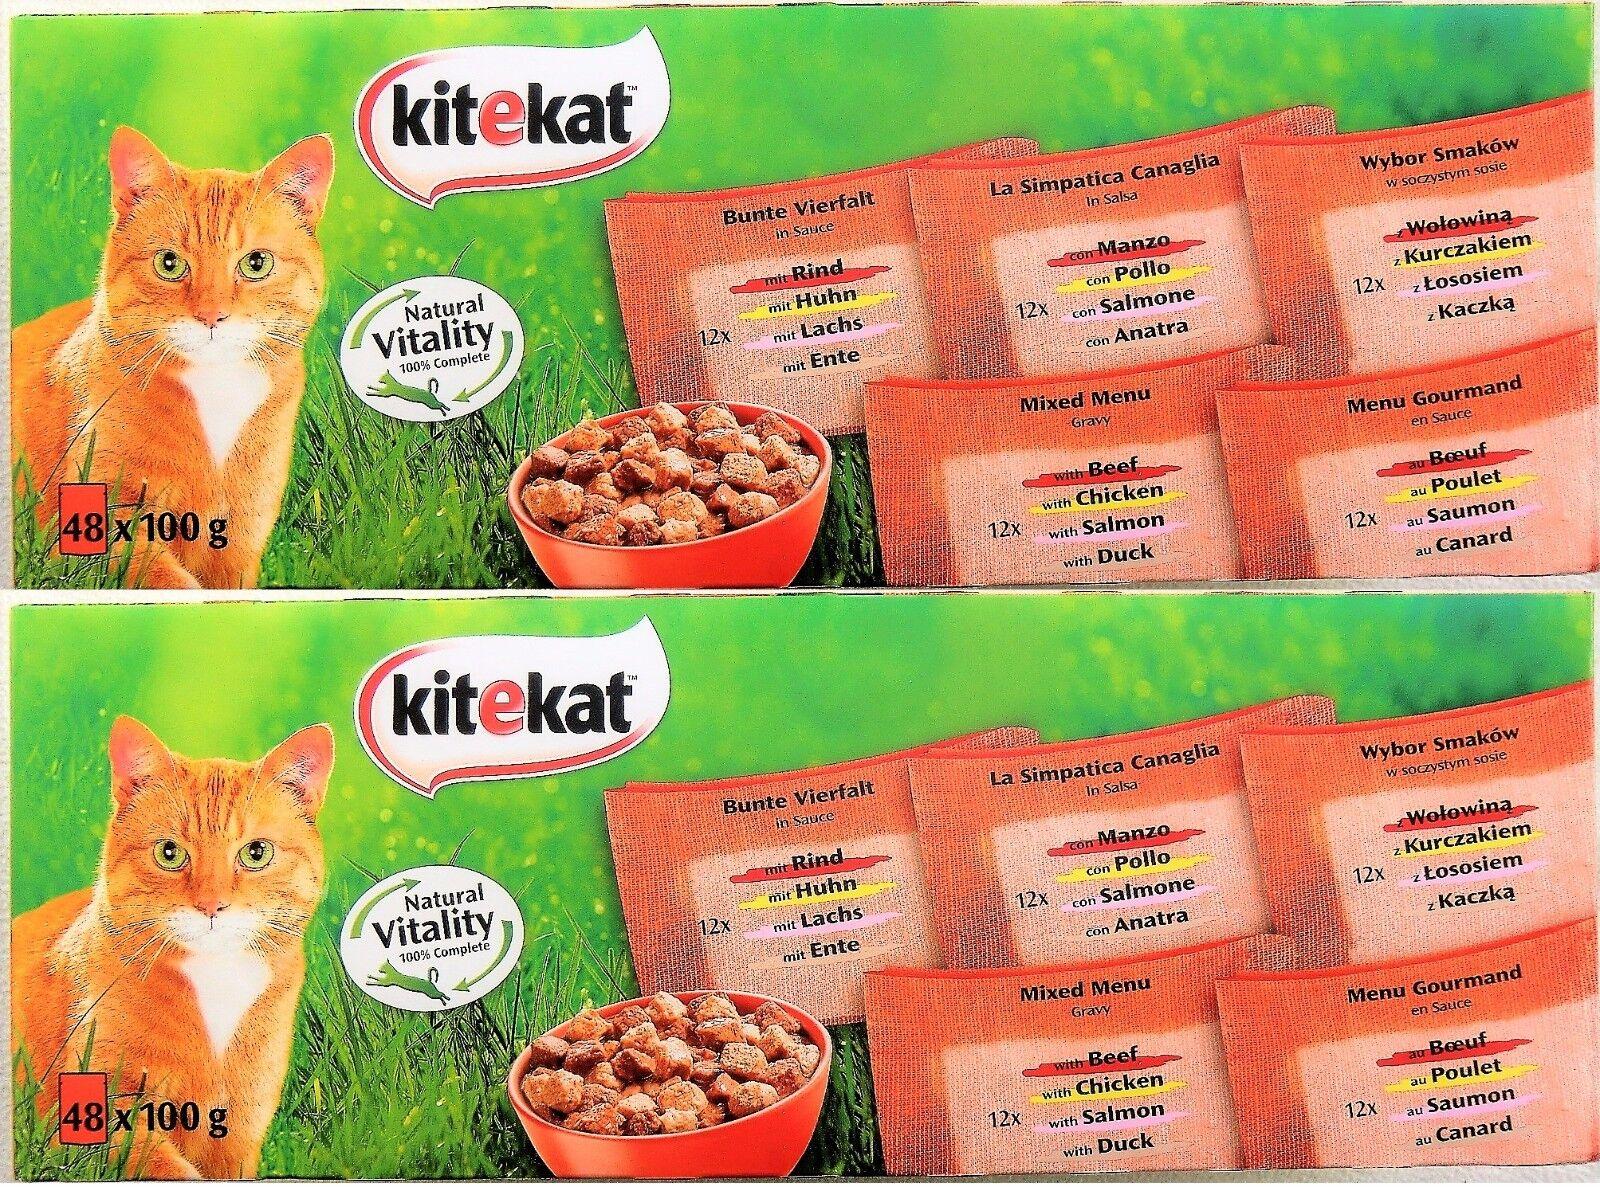 Kitekat Katzenfutter - Mix in Sauce - Bunte Vierfalt - Nassfutter - 96 x100g